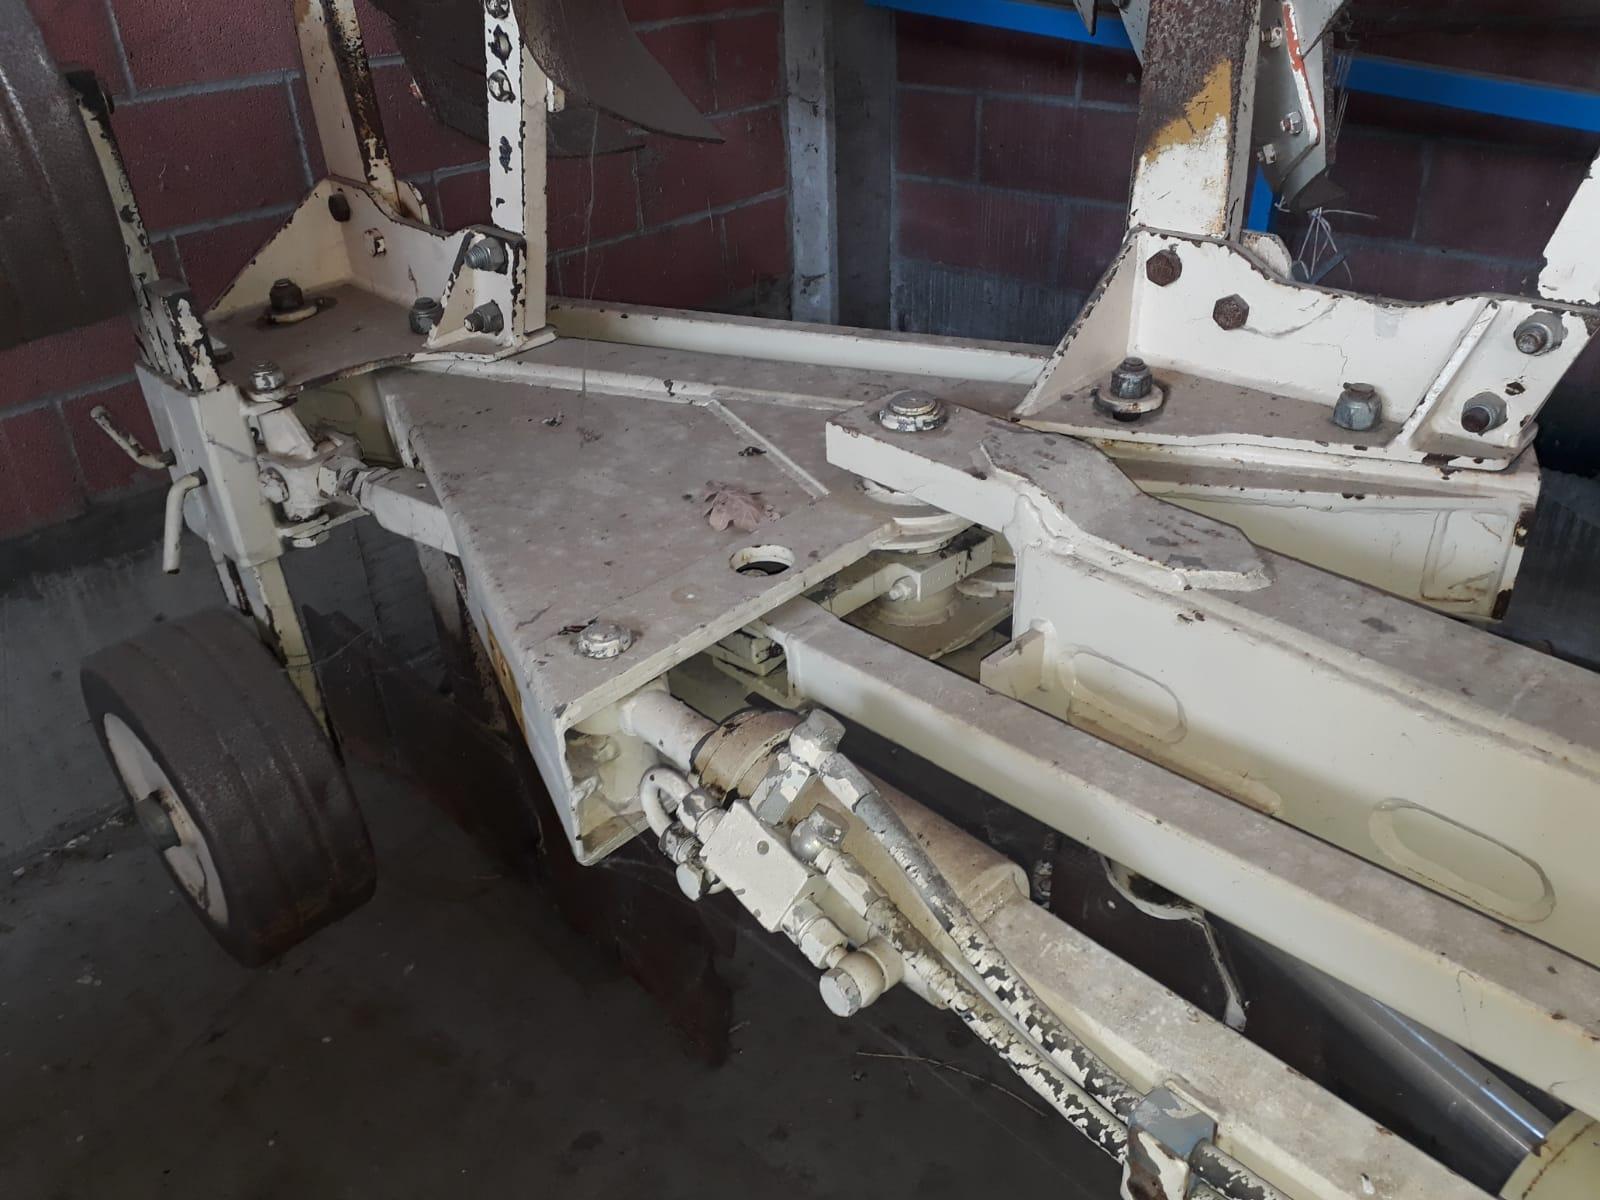 Aratro cma costruzioni macchine agricole terrepadane for Gramegna macchine agricole